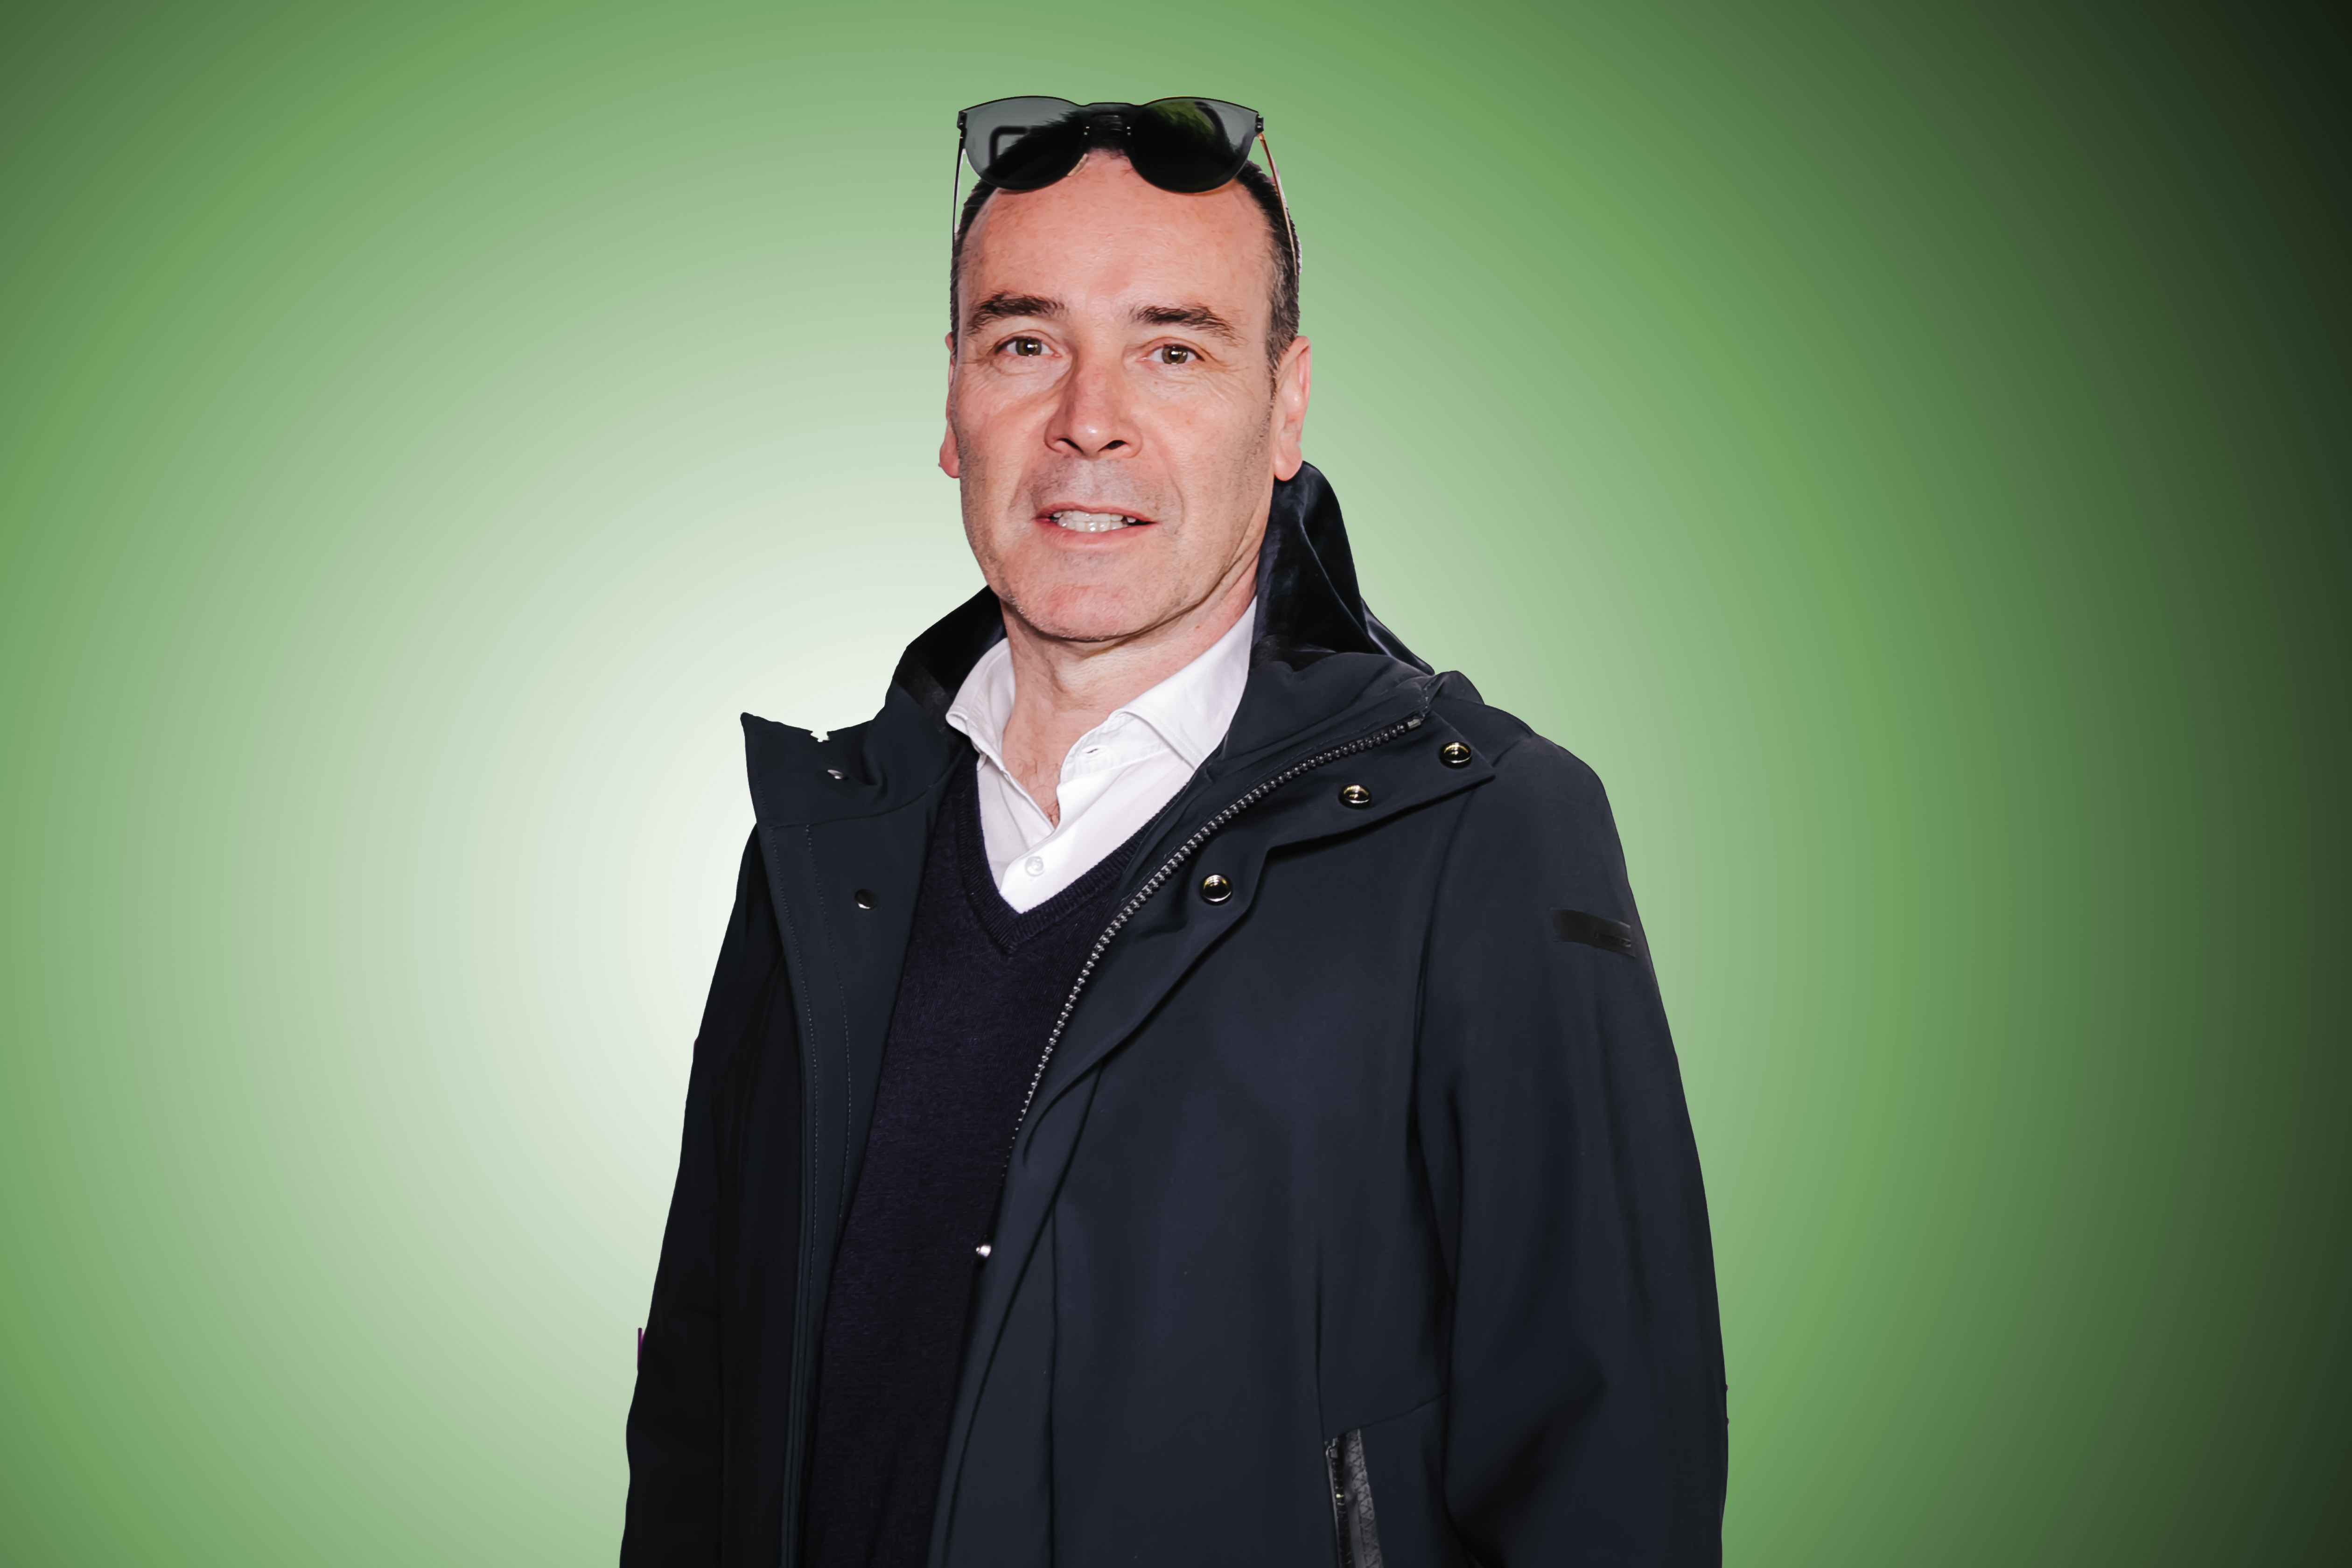 Claudio Patassi